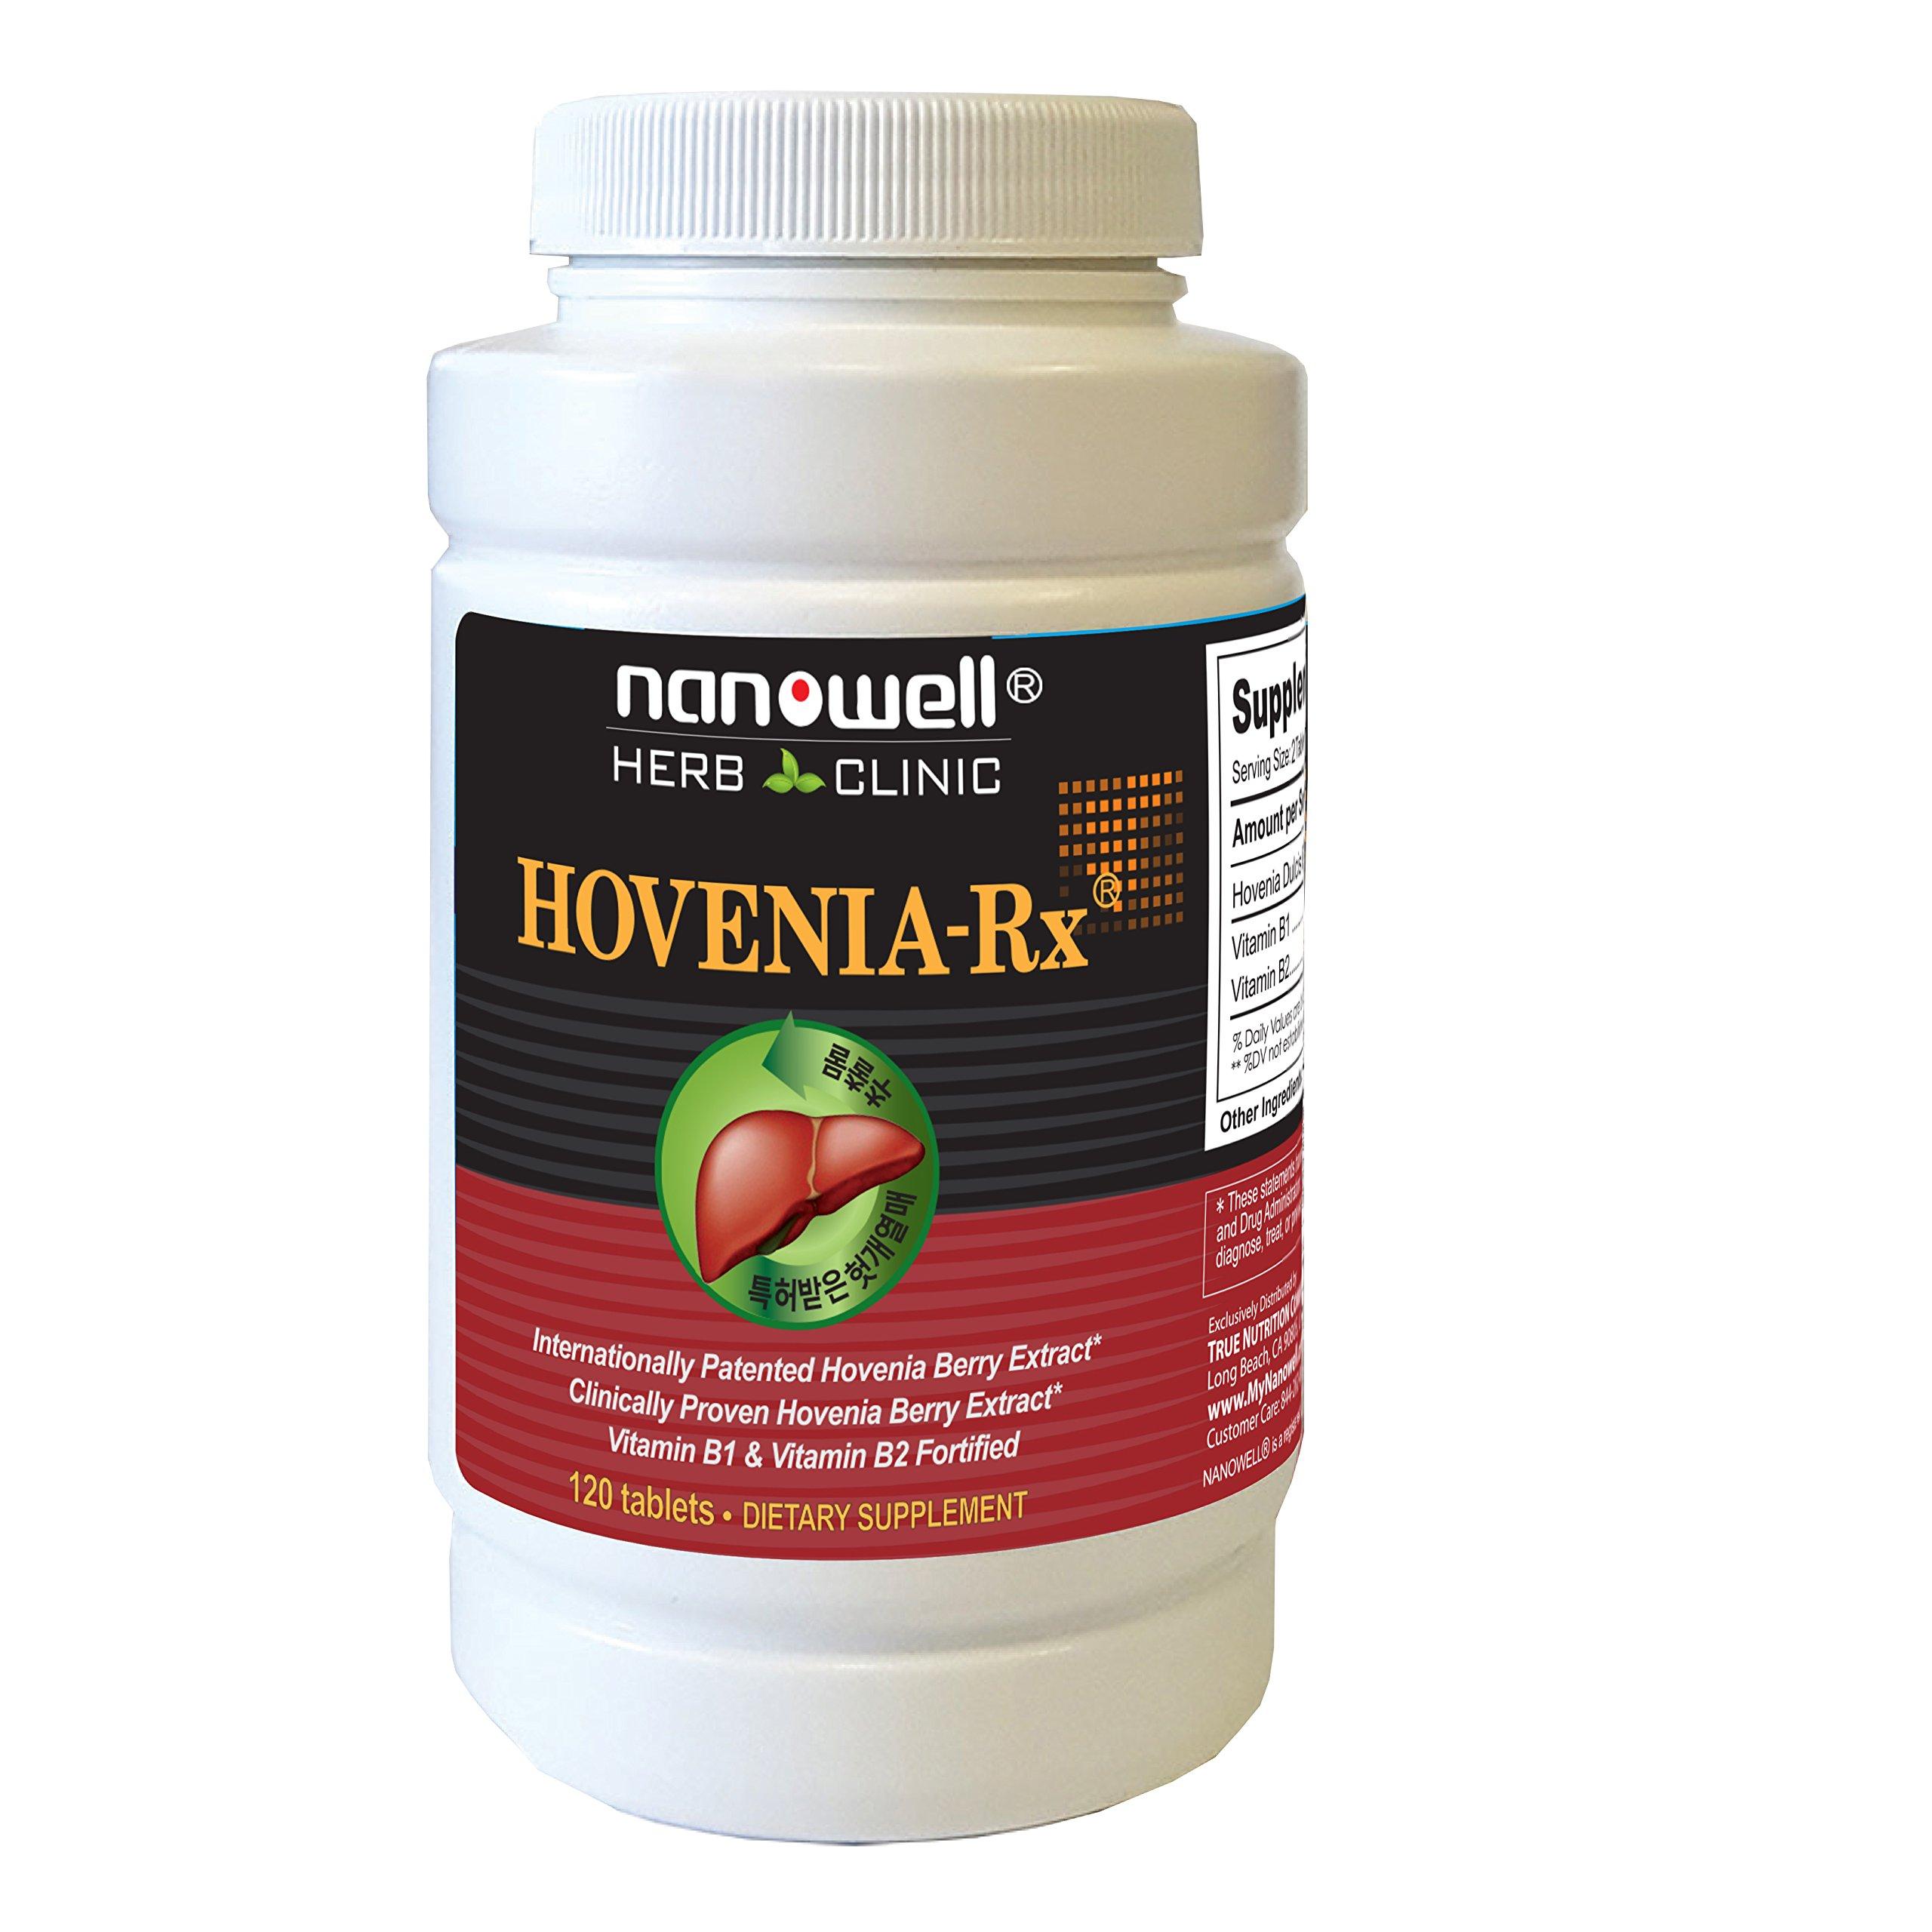 Nanowell® - Hovenia-Rx® 120 Table   Maximum Strength Hovenia dulcis Fruit Extract with Vitamin B1, B2